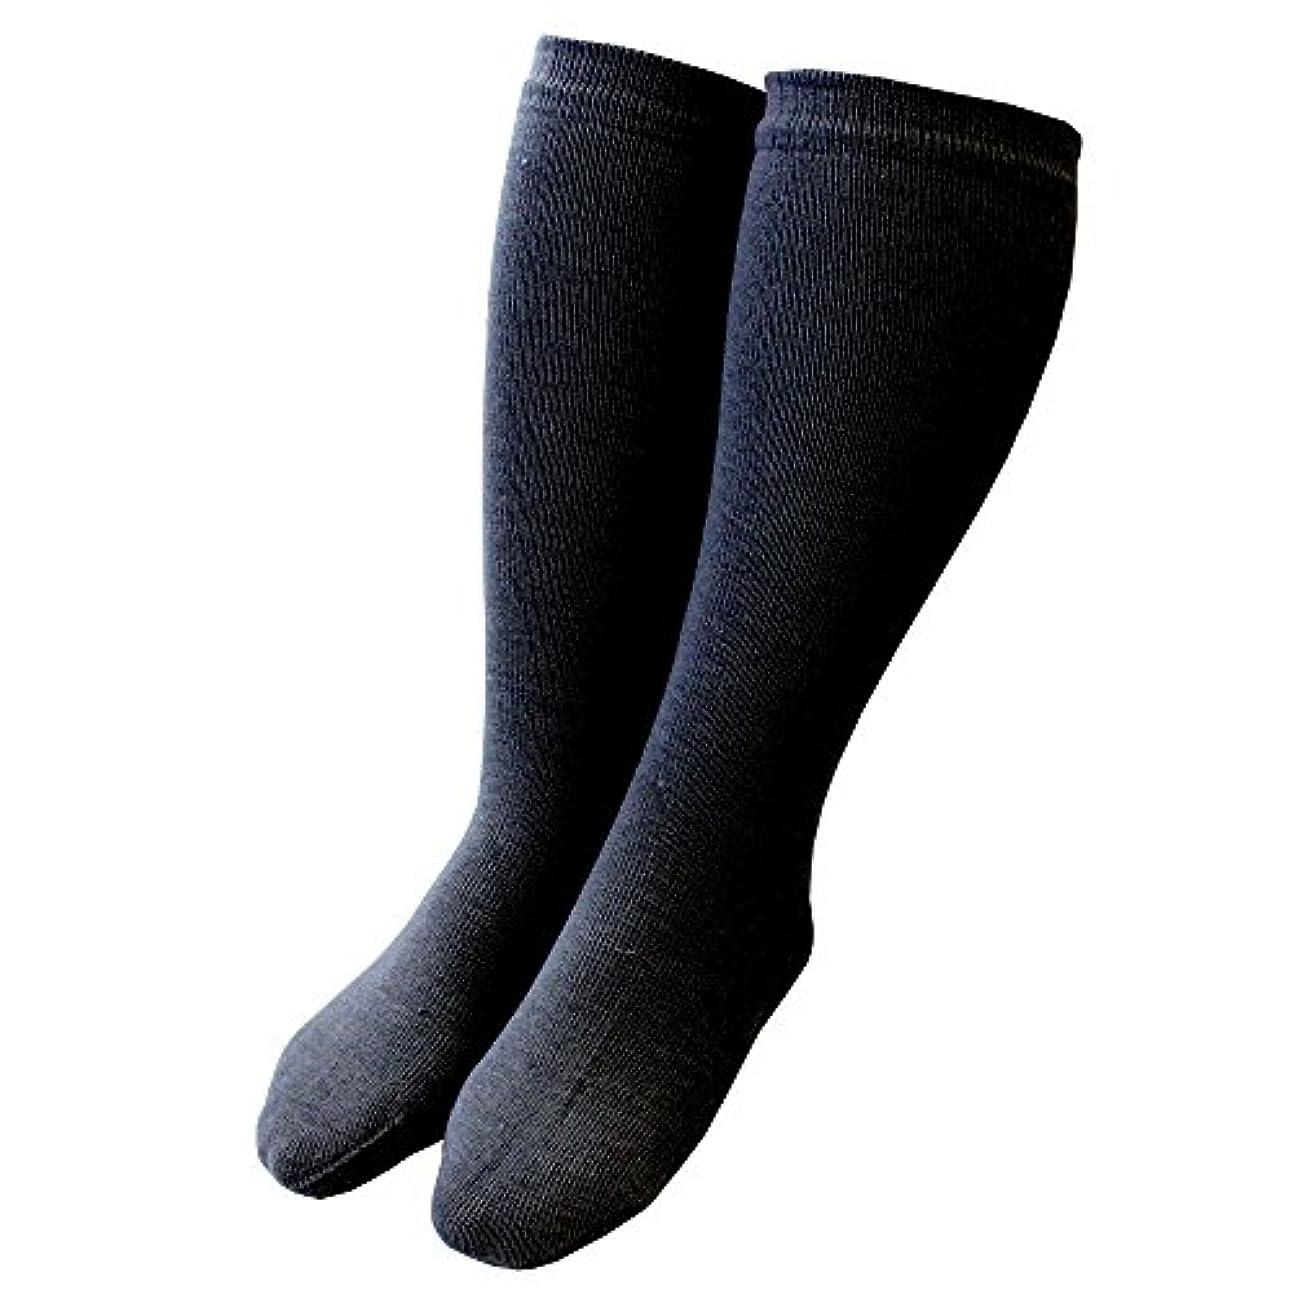 選択するコットンメニューカカトクリニック ハイソックス 履くだけ保湿 かかと 靴下 角質ケア 日本製 (ブラック, ハイソックス)